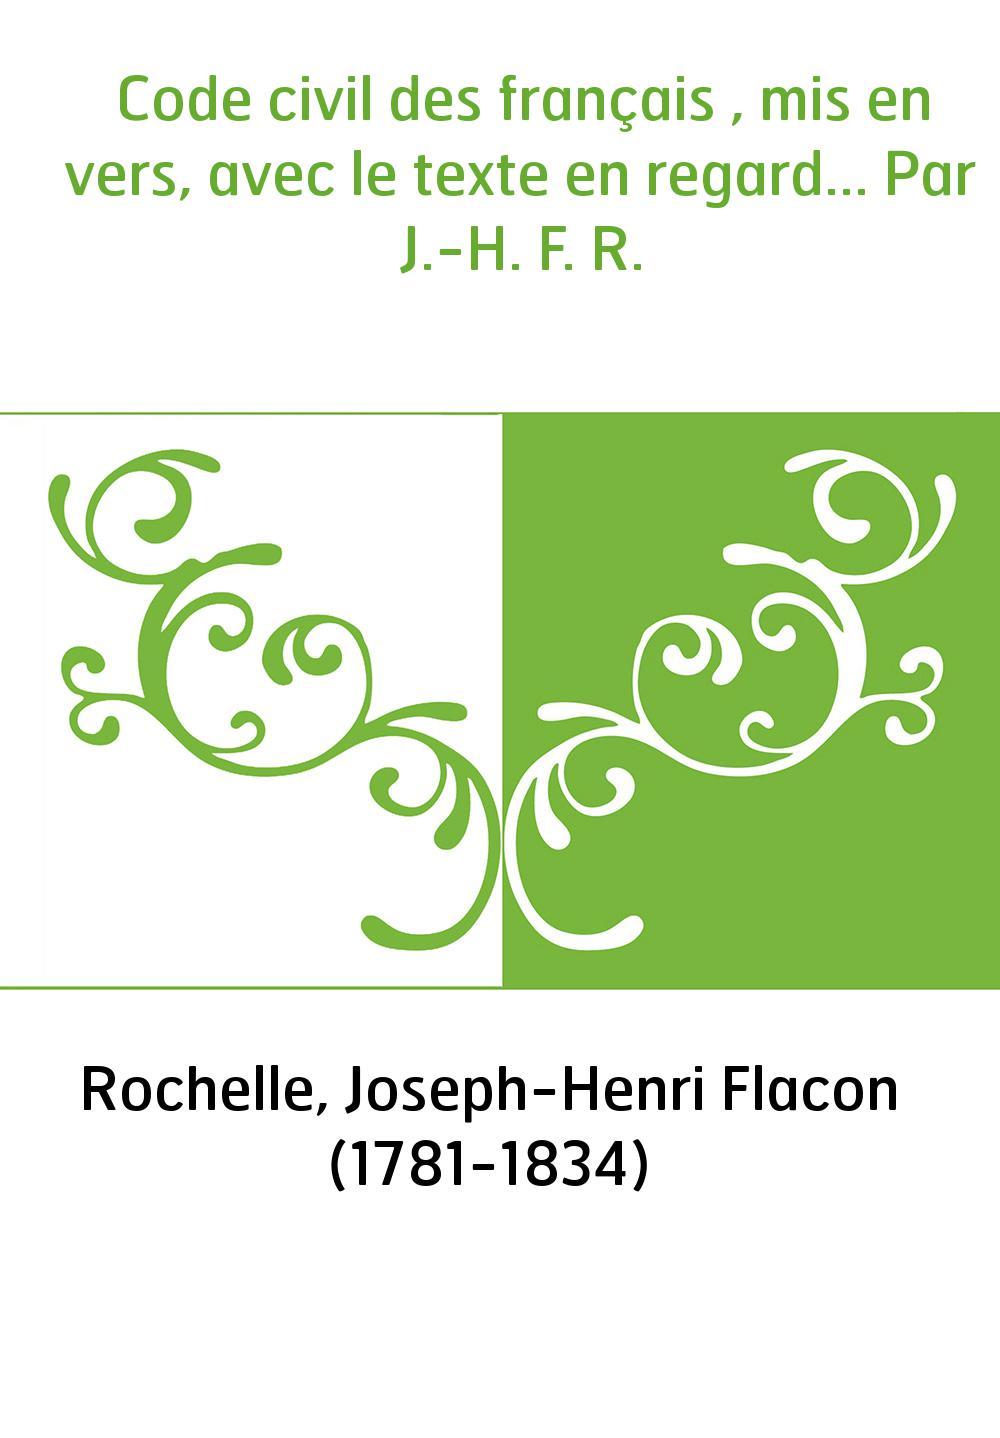 Code civil des français , mis en vers, avec le texte en regard... Par J.-H. F. R.